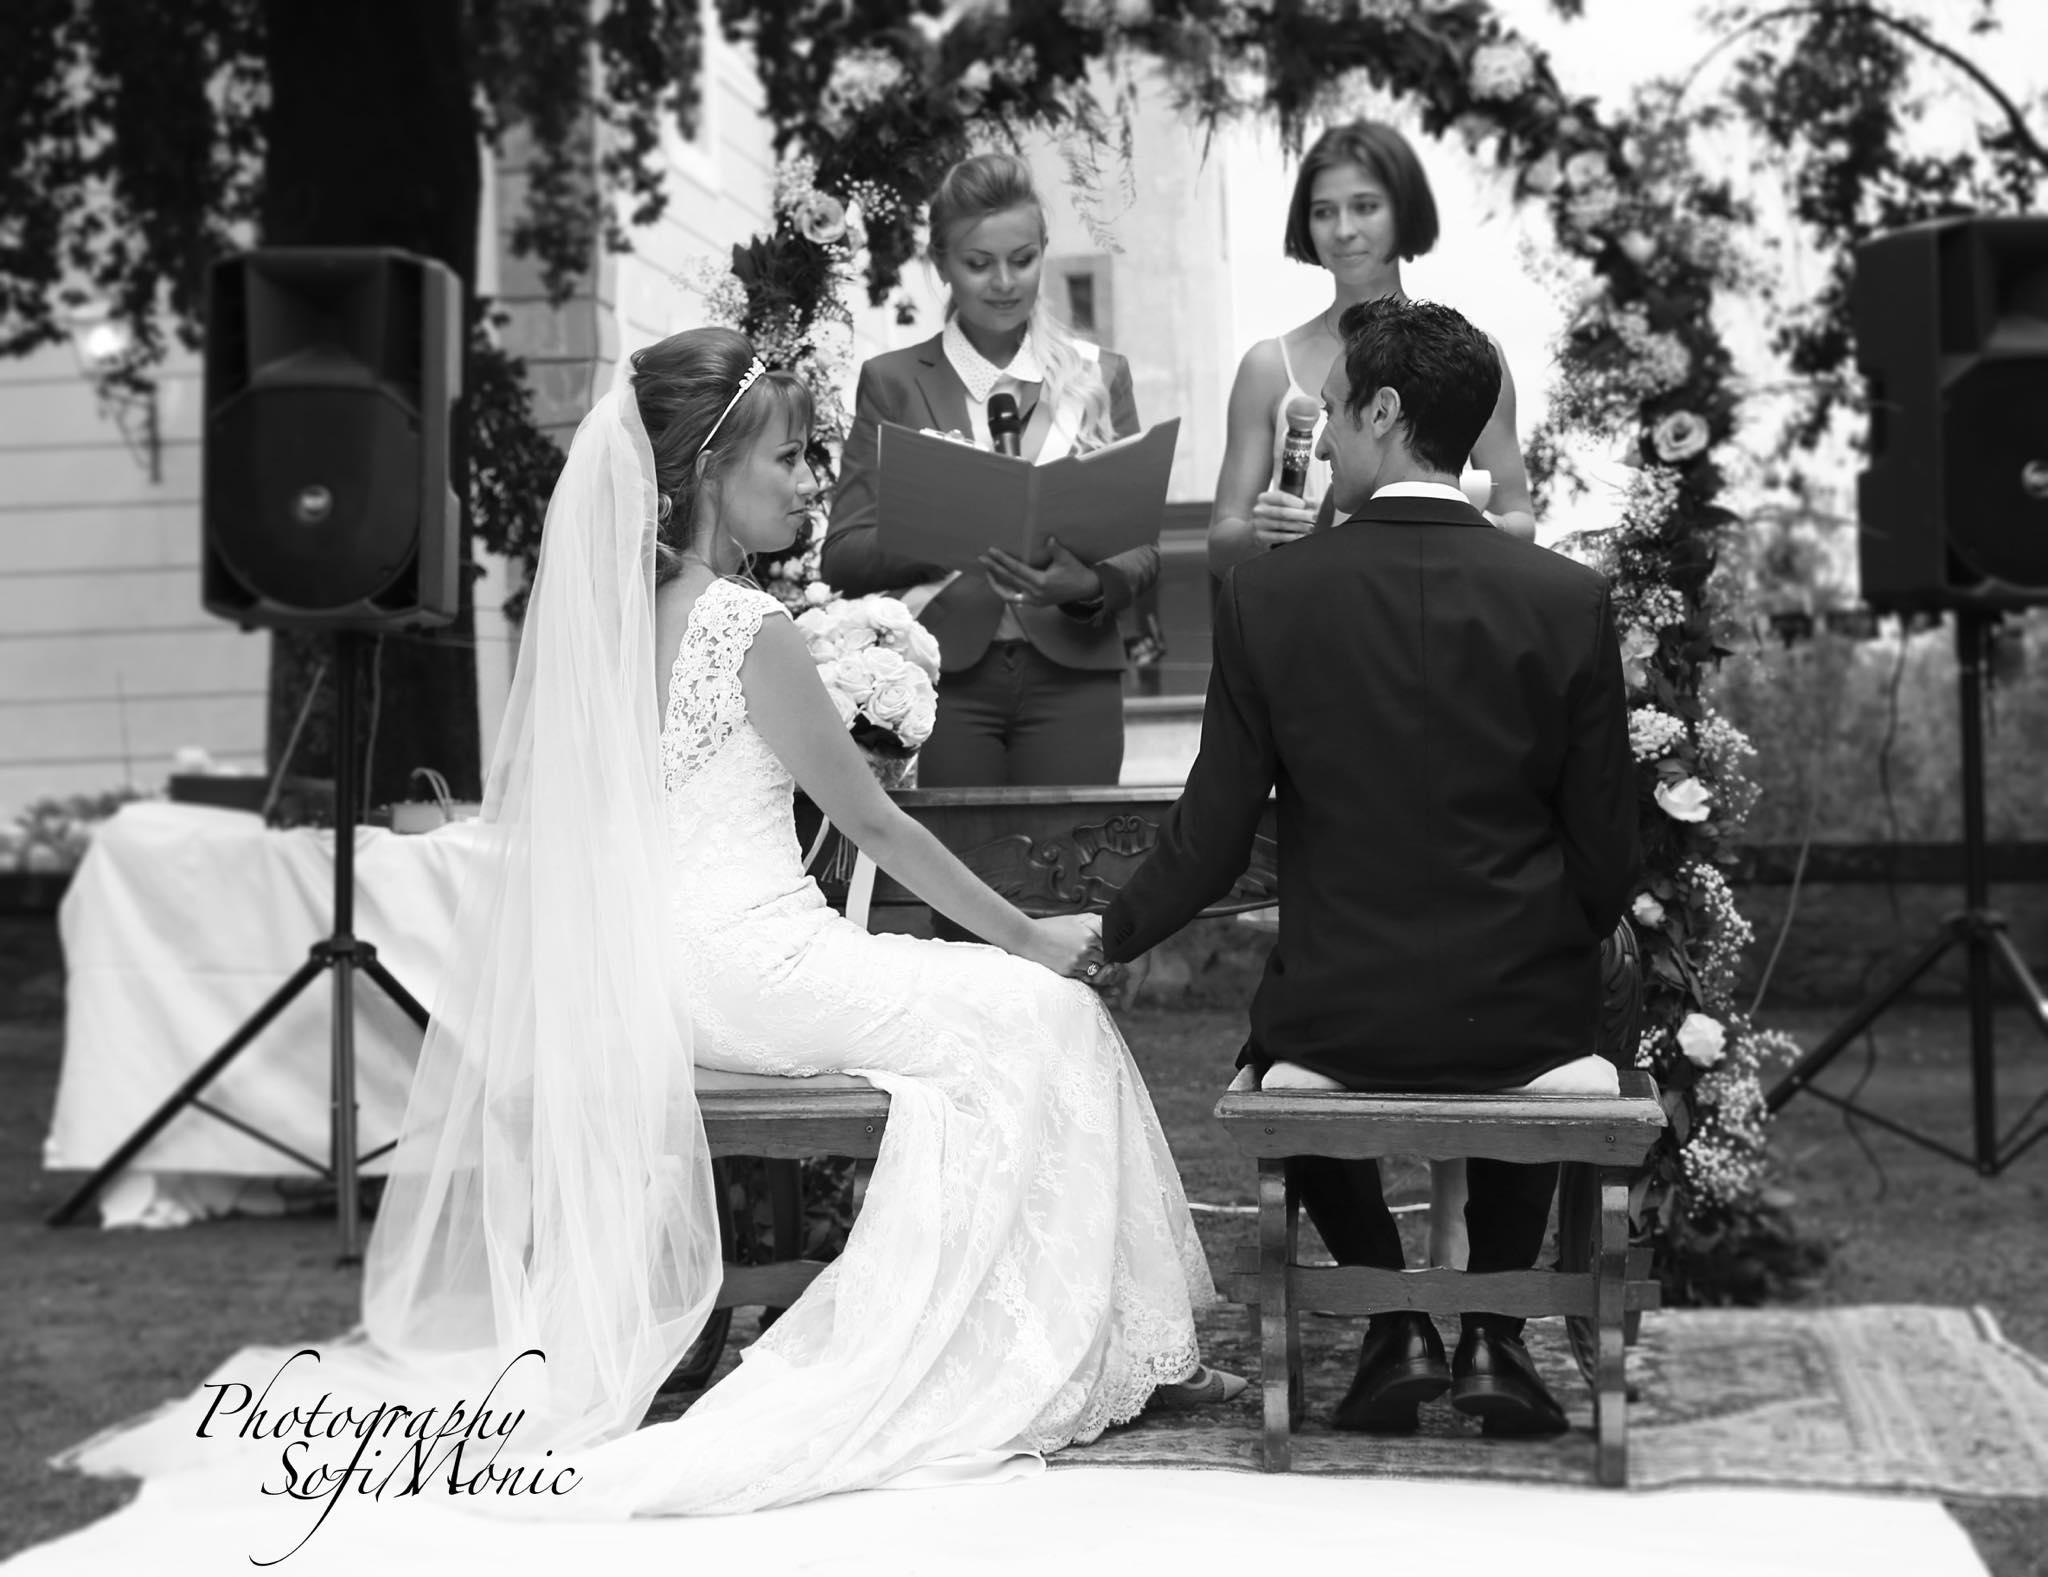 Фото 5 свадьба на вилле в Италии | Элеонора и Фабио | ведущая свадьбы в Италии - Катрин Моро